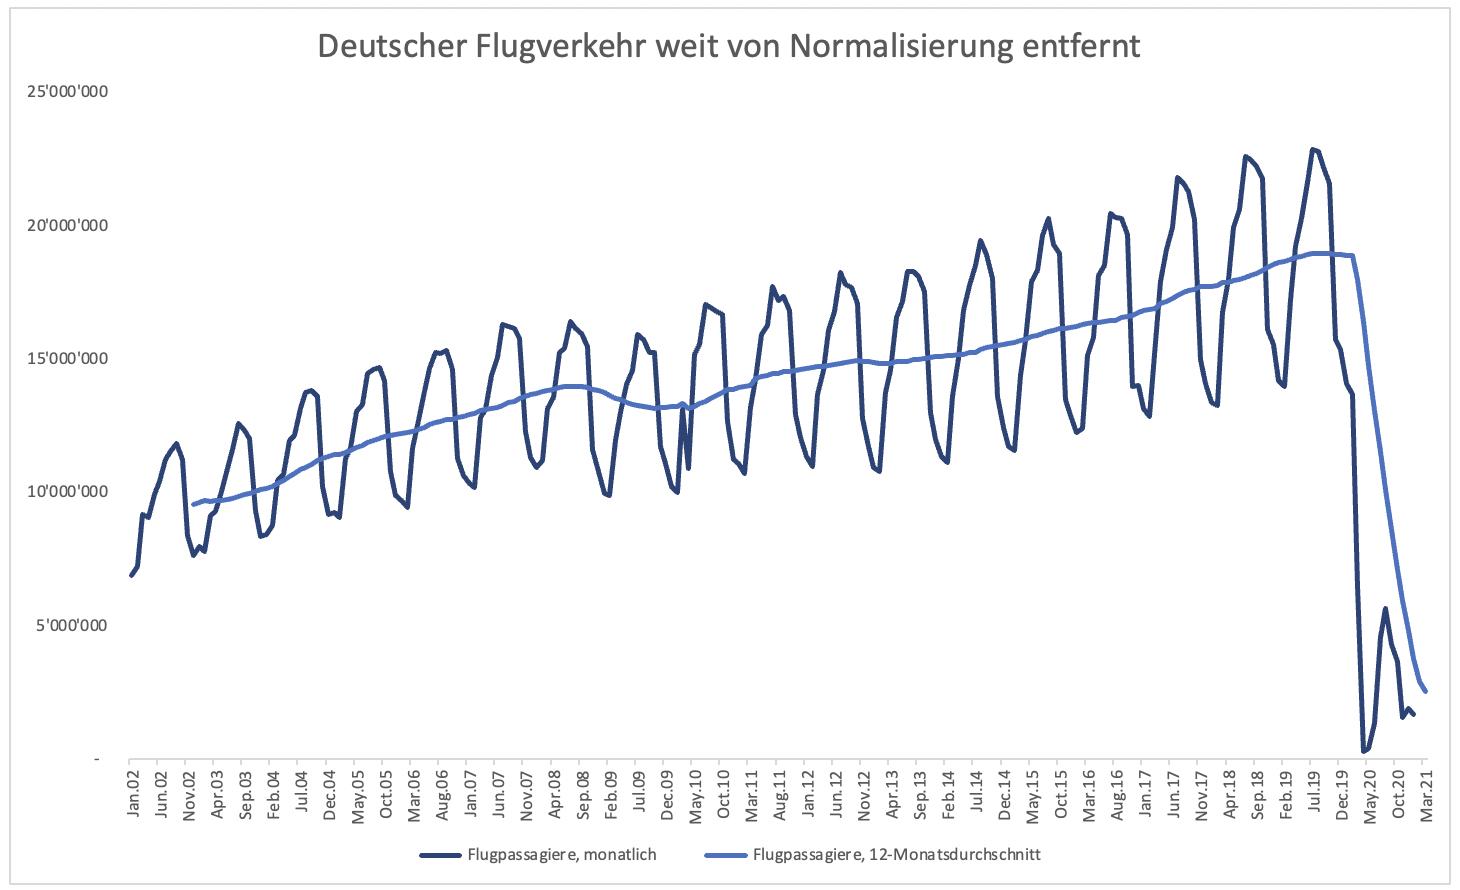 Tourismus-Aktien-Rette-sich-wer-kann-Chartanalyse-Clemens-Schmale-GodmodeTrader.de-1